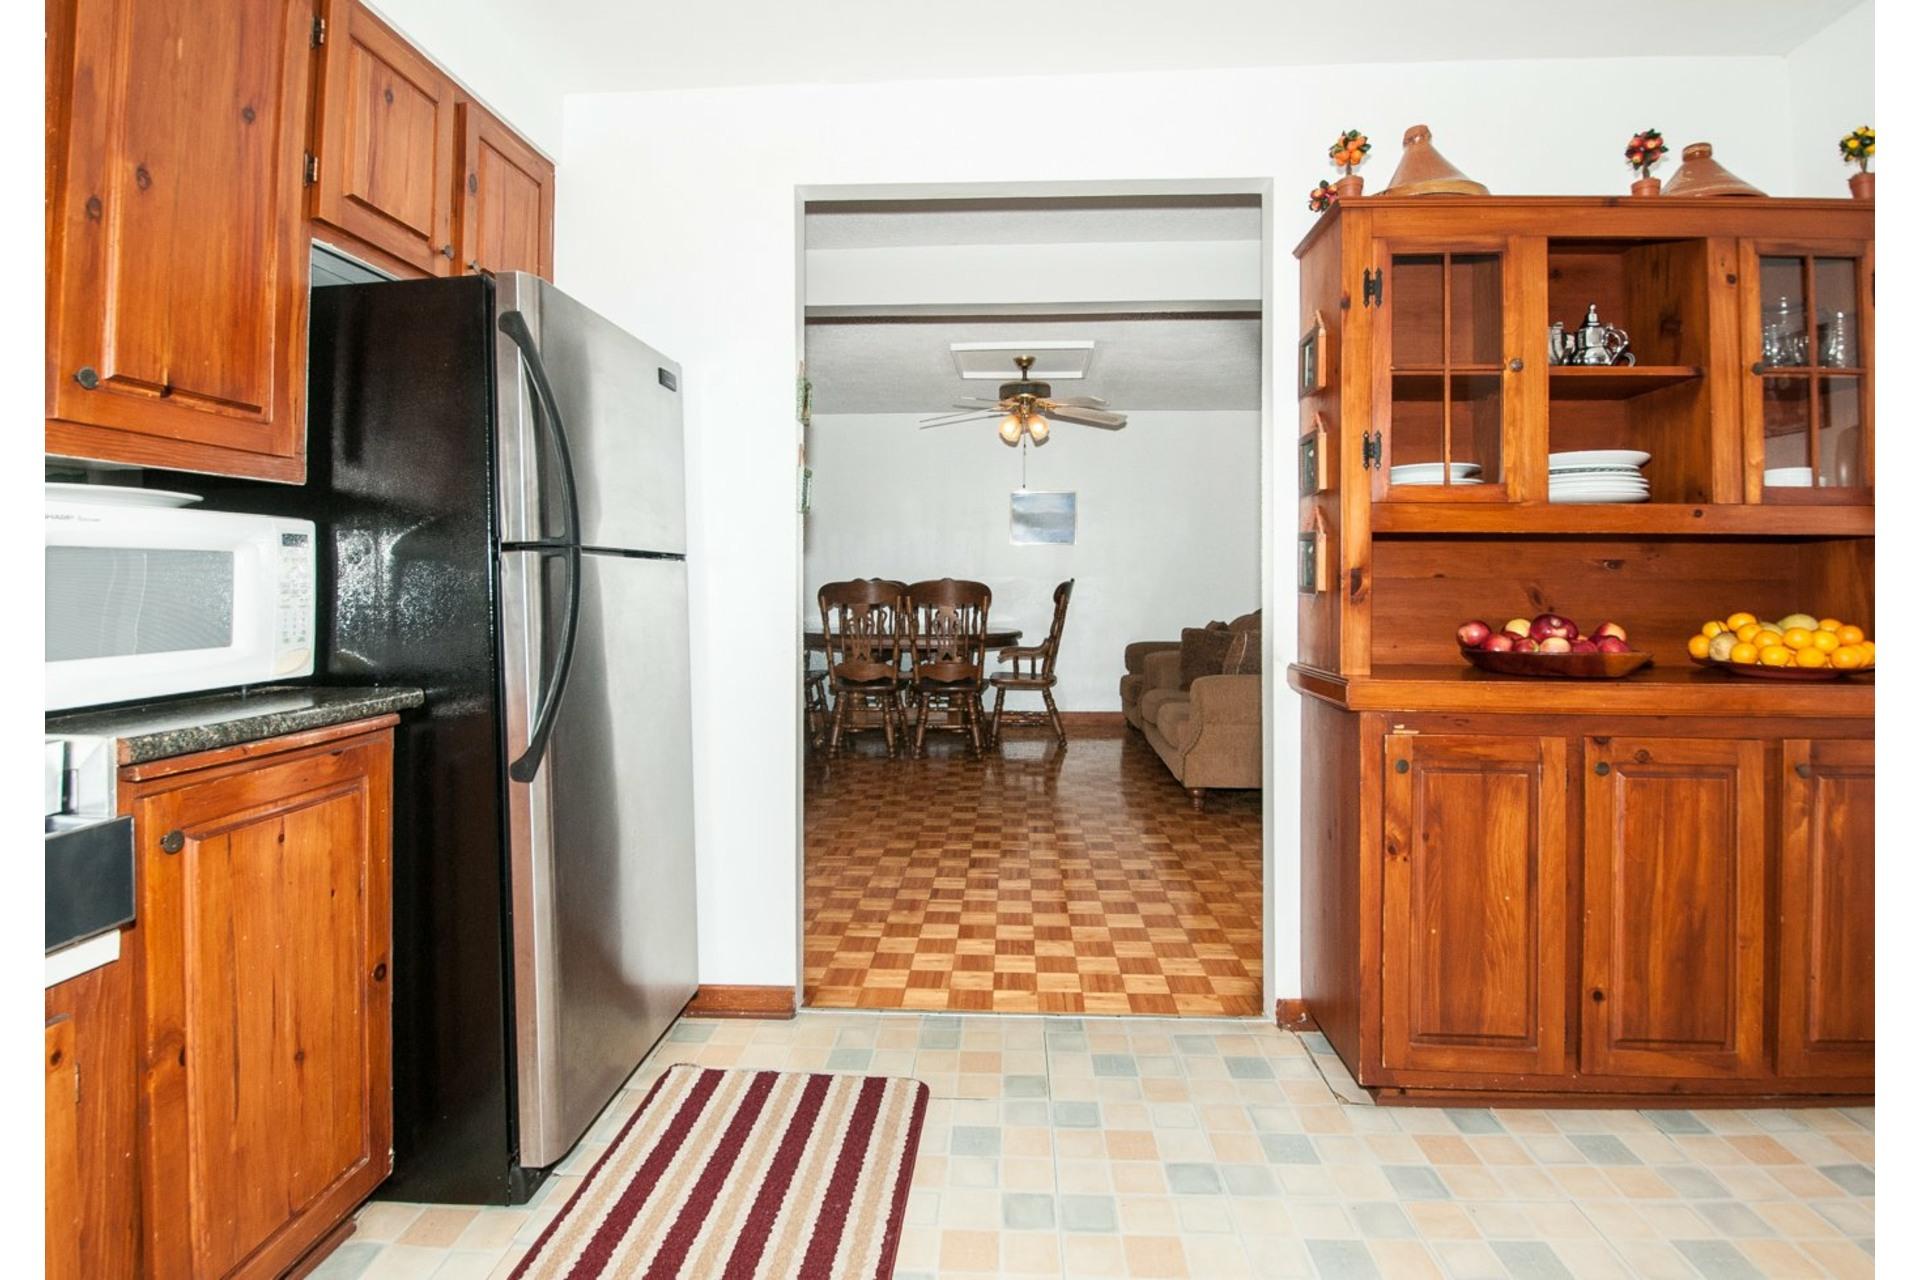 image 8 - Maison À vendre Le Vieux-Longueuil Longueuil  - 8 pièces